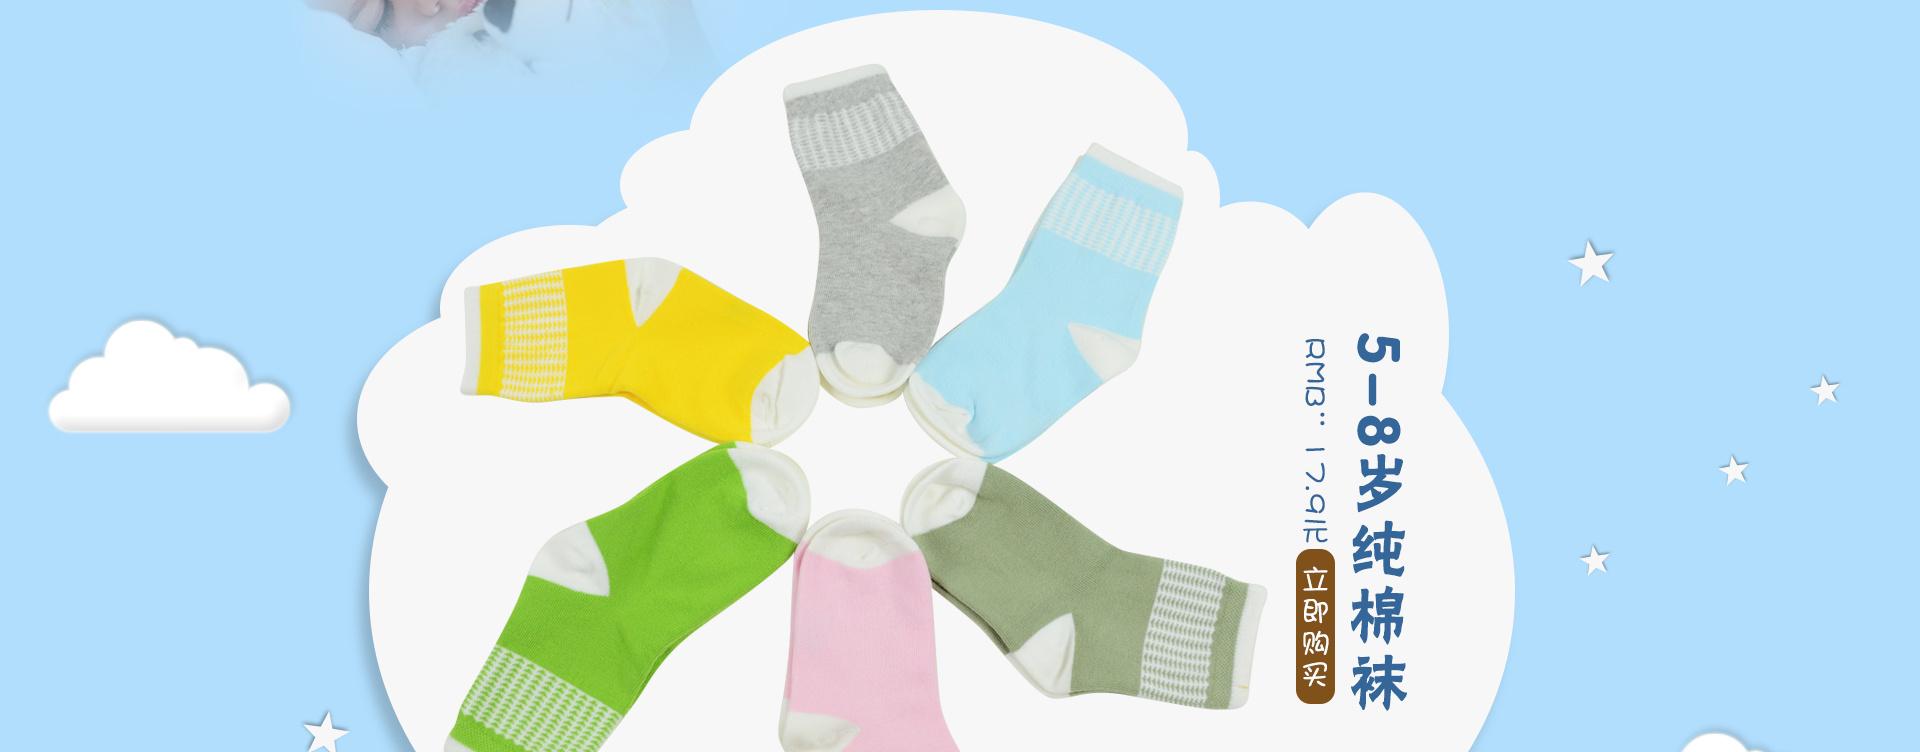 袜子设计图基本画法